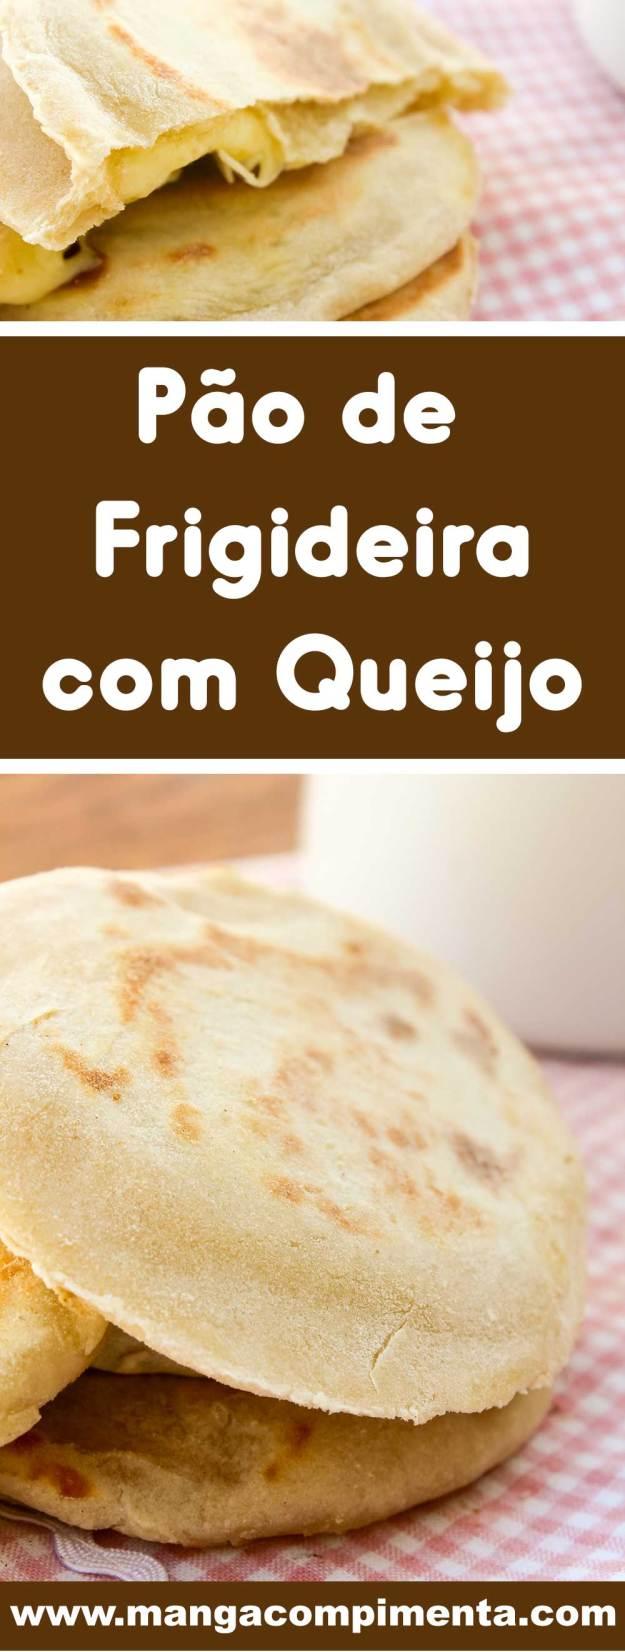 Receita de Pão de Frigideira com Queijo Quente - um lanche delicioso para servir no lanche da tarde da criançada.